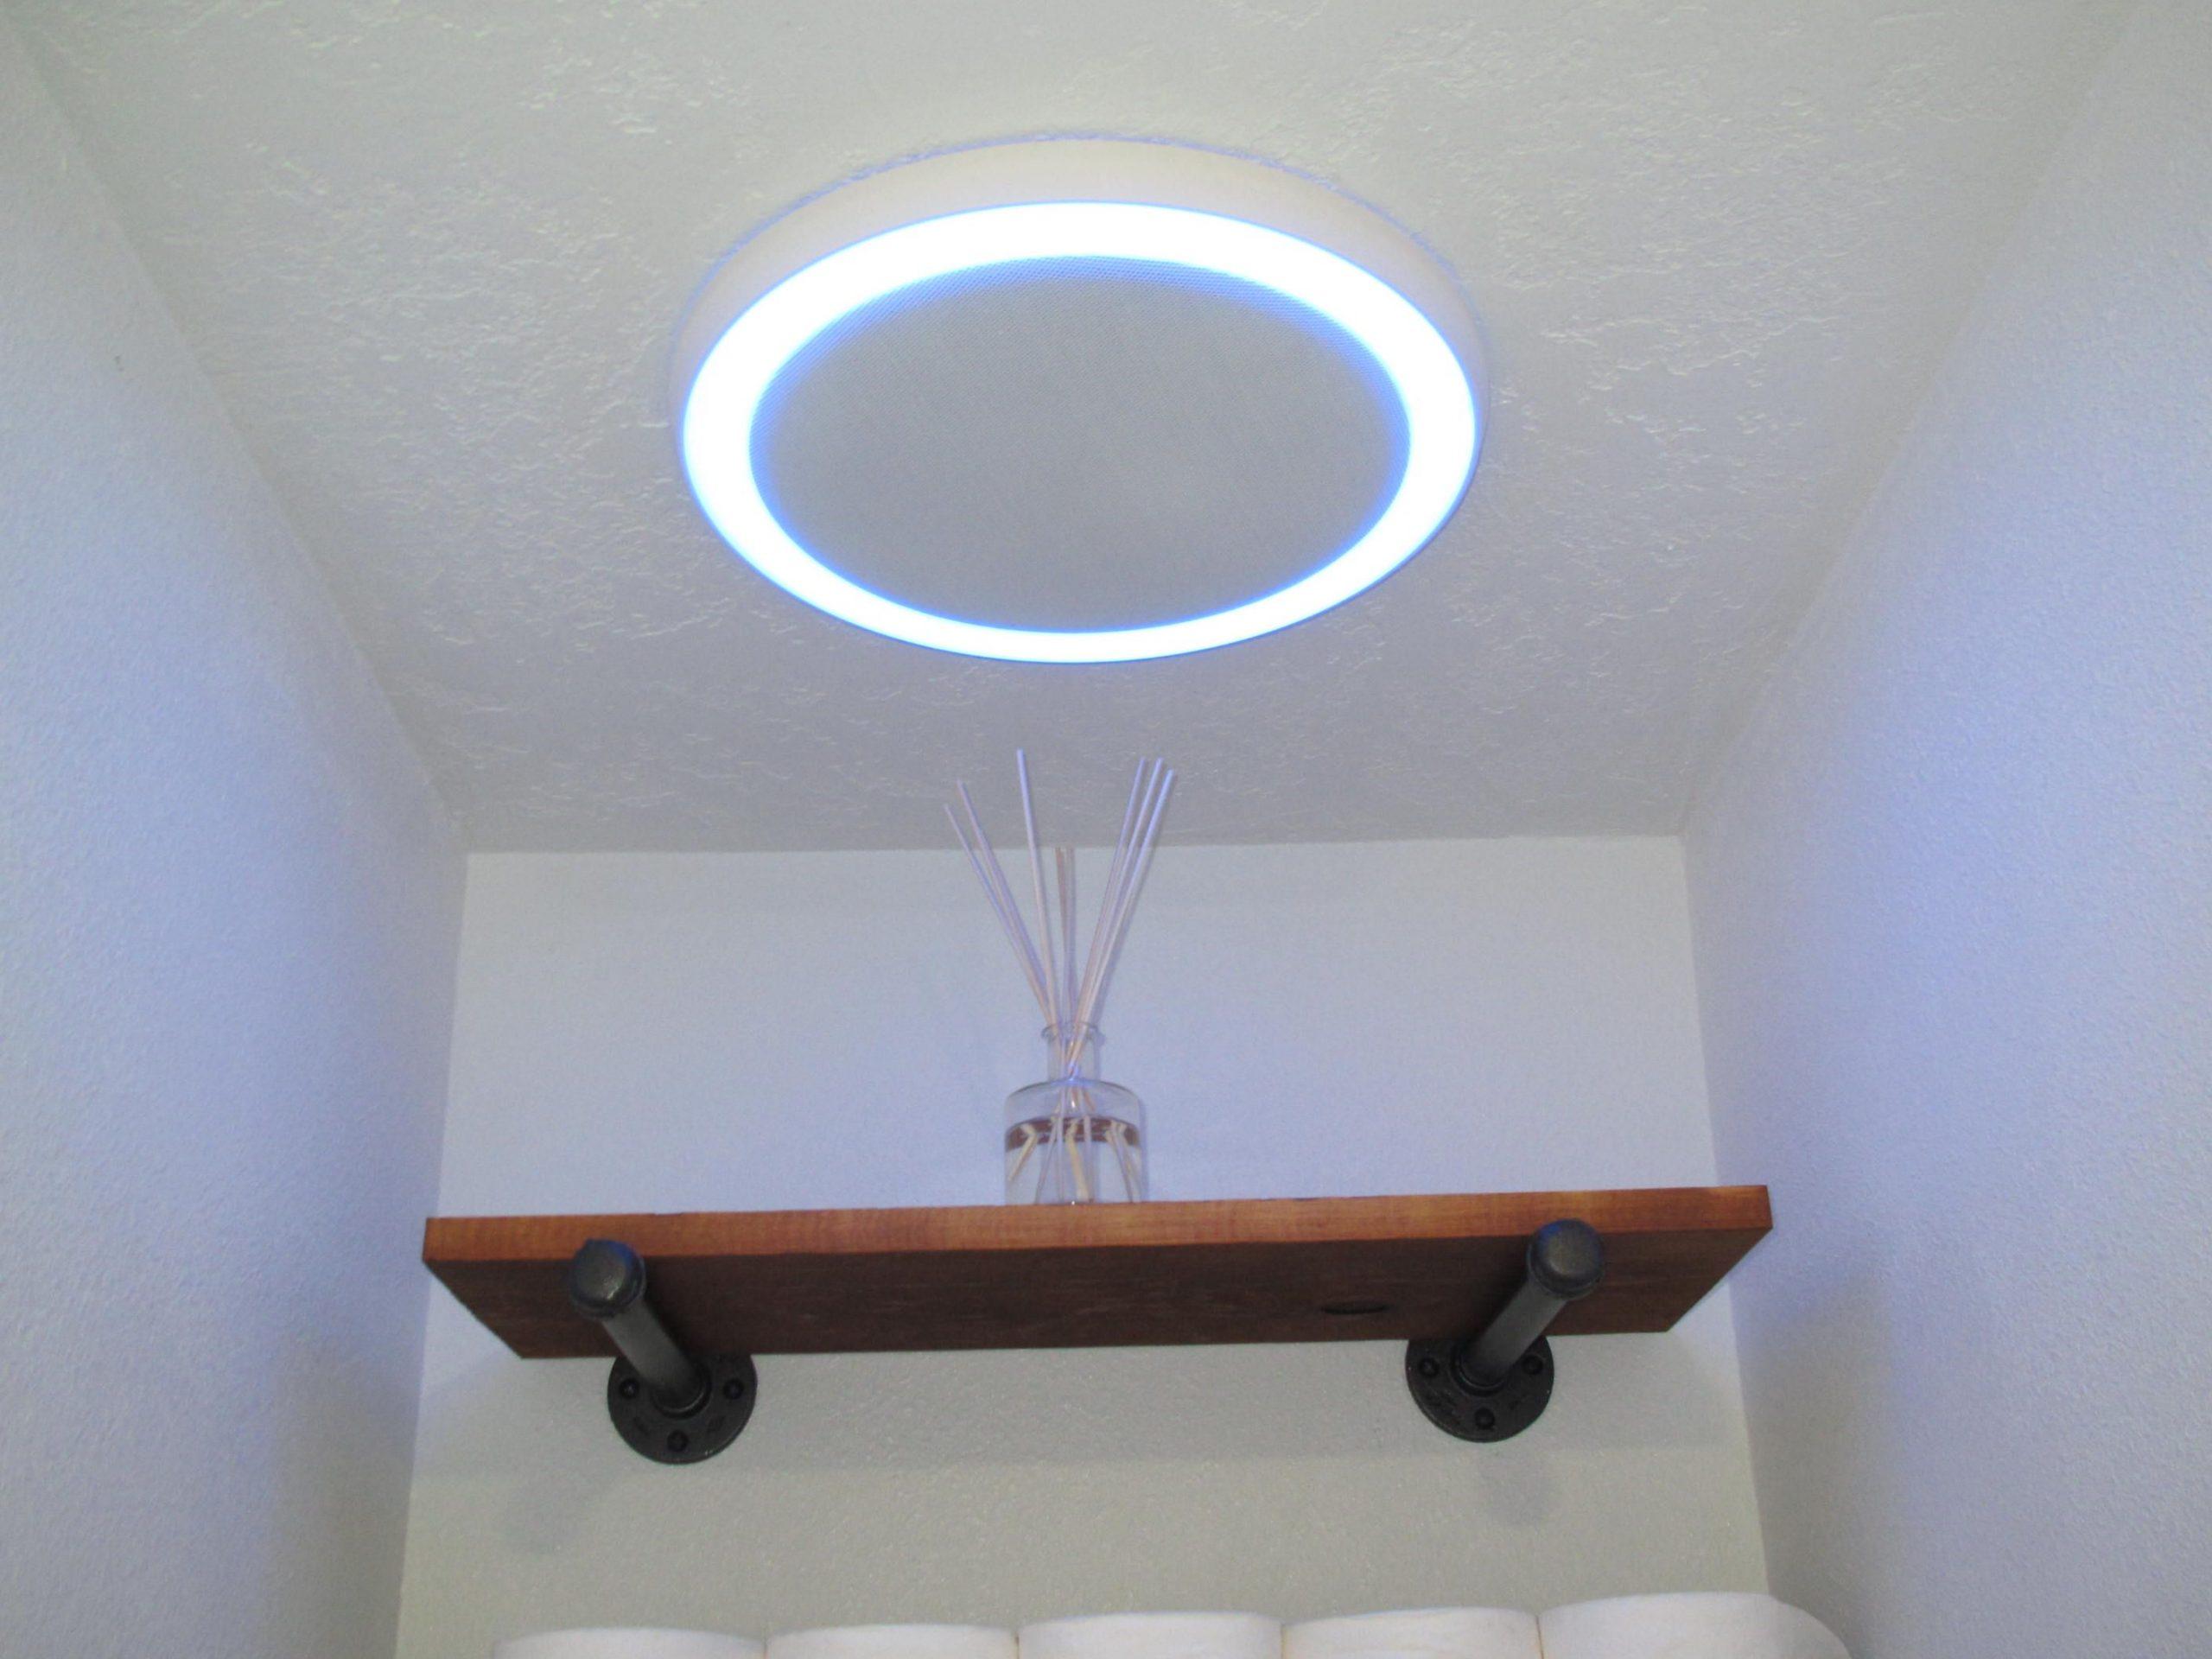 Bluetooth Bathroom Fan